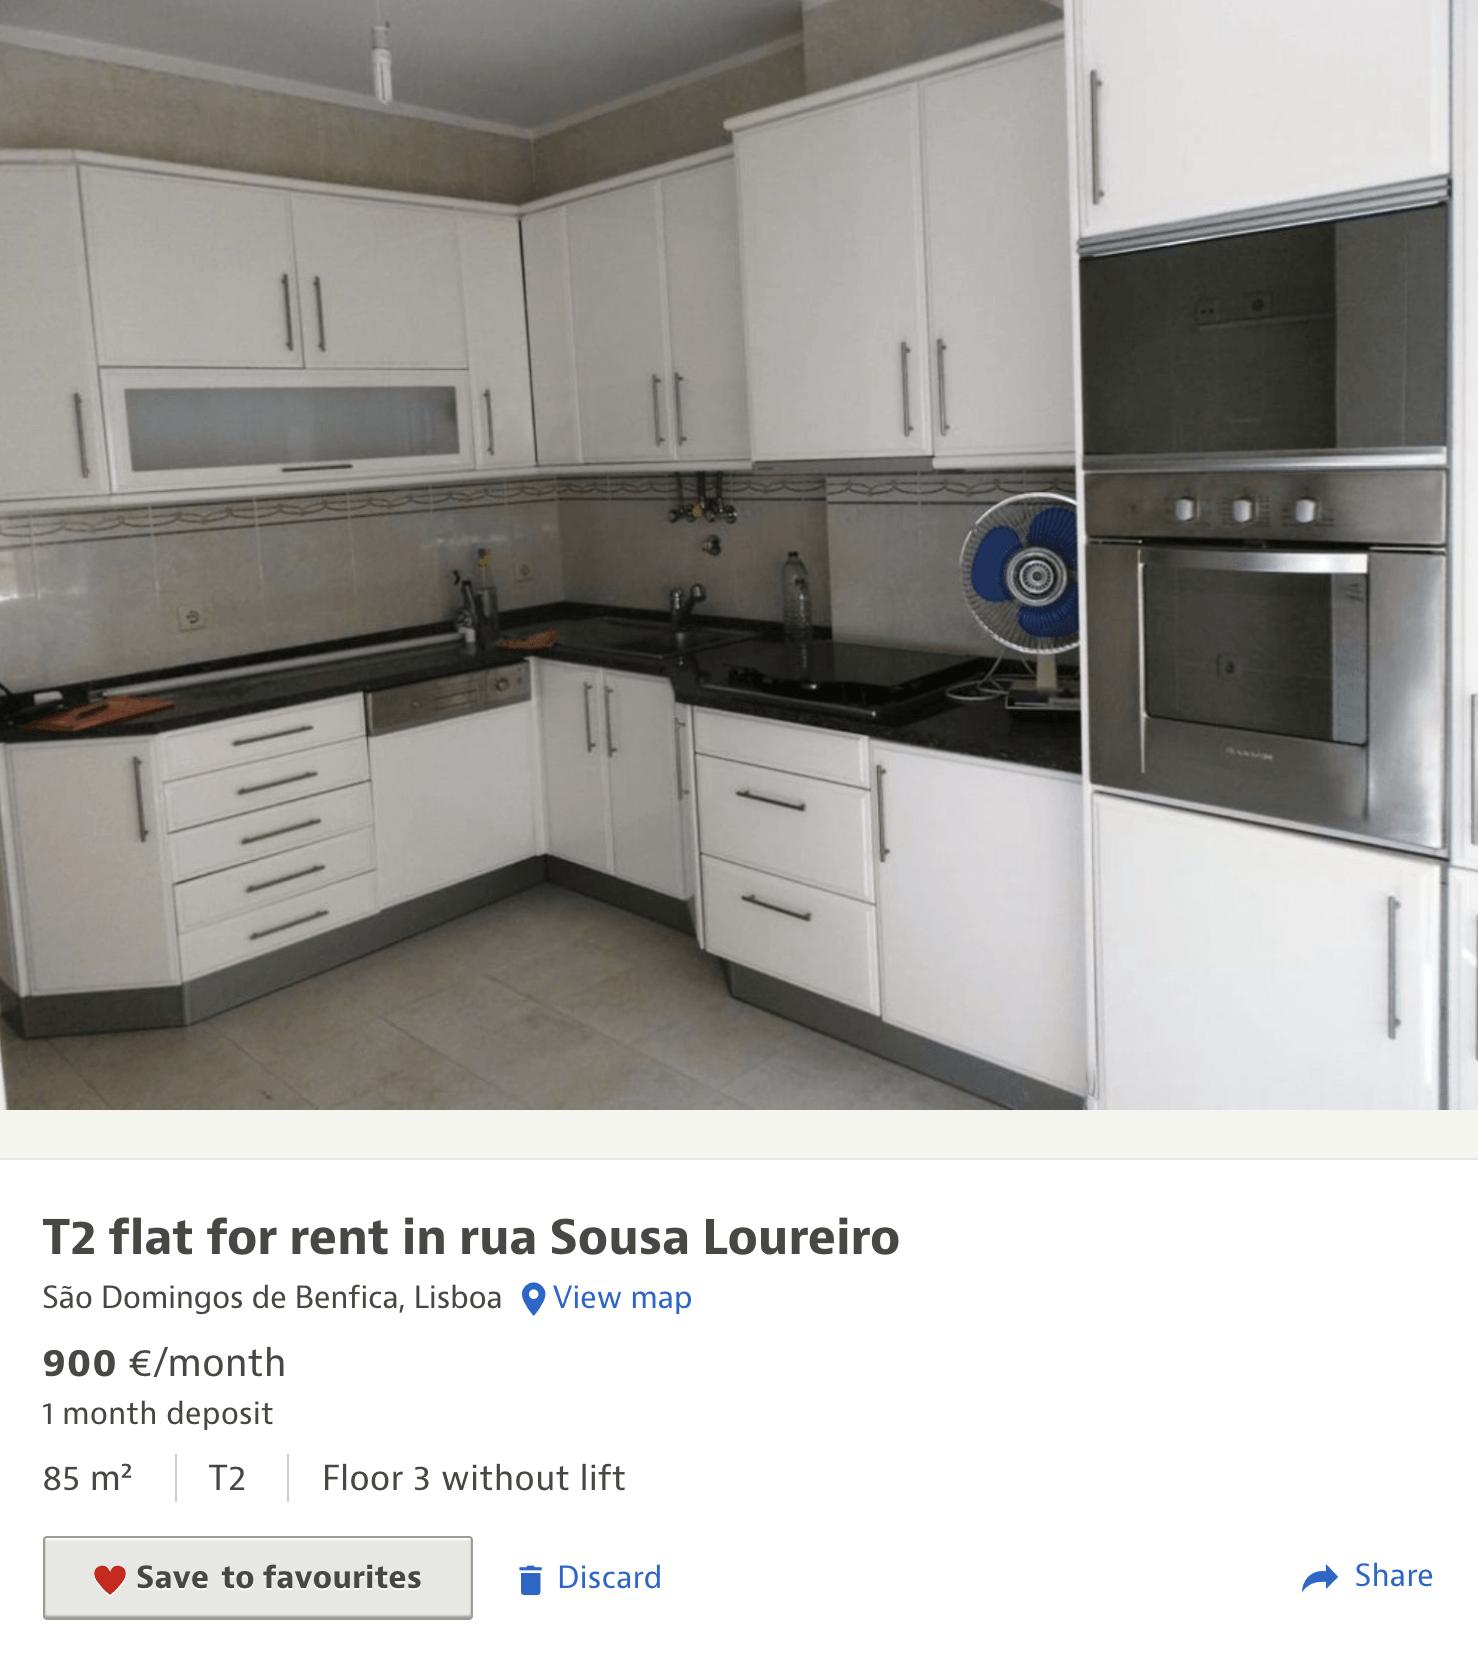 Квартира с кухней, но без&nbsp;мебели, сдается за 900€ (64 636<span class=ruble>Р</span>)